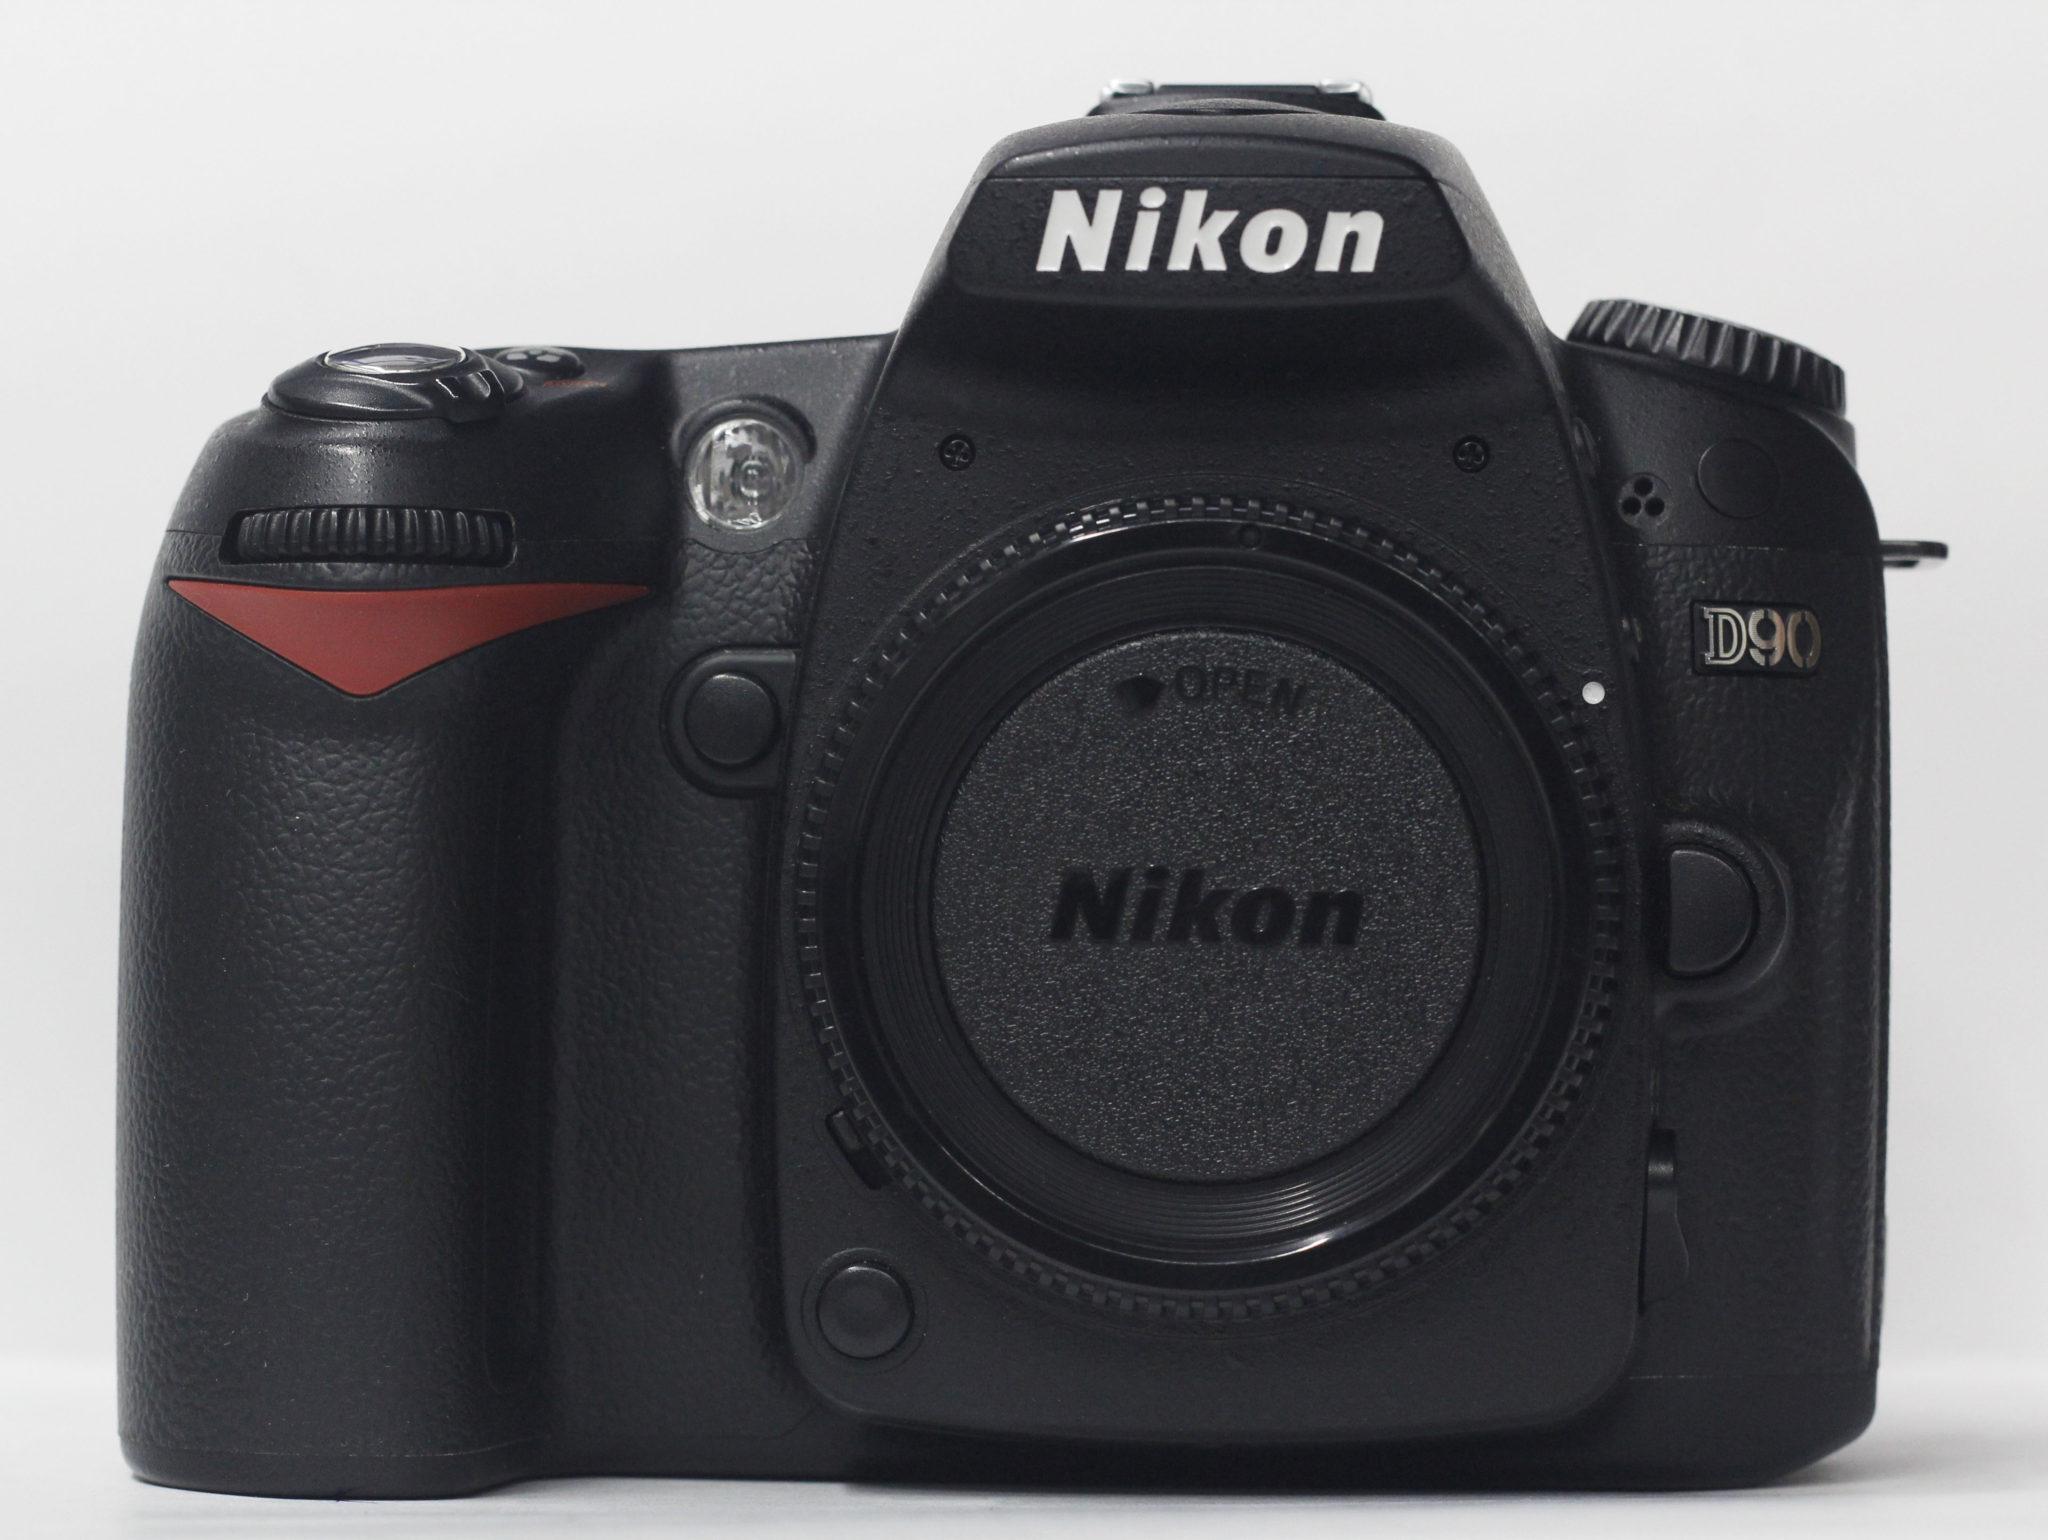 Used DSLR Camera Price in Pakistan